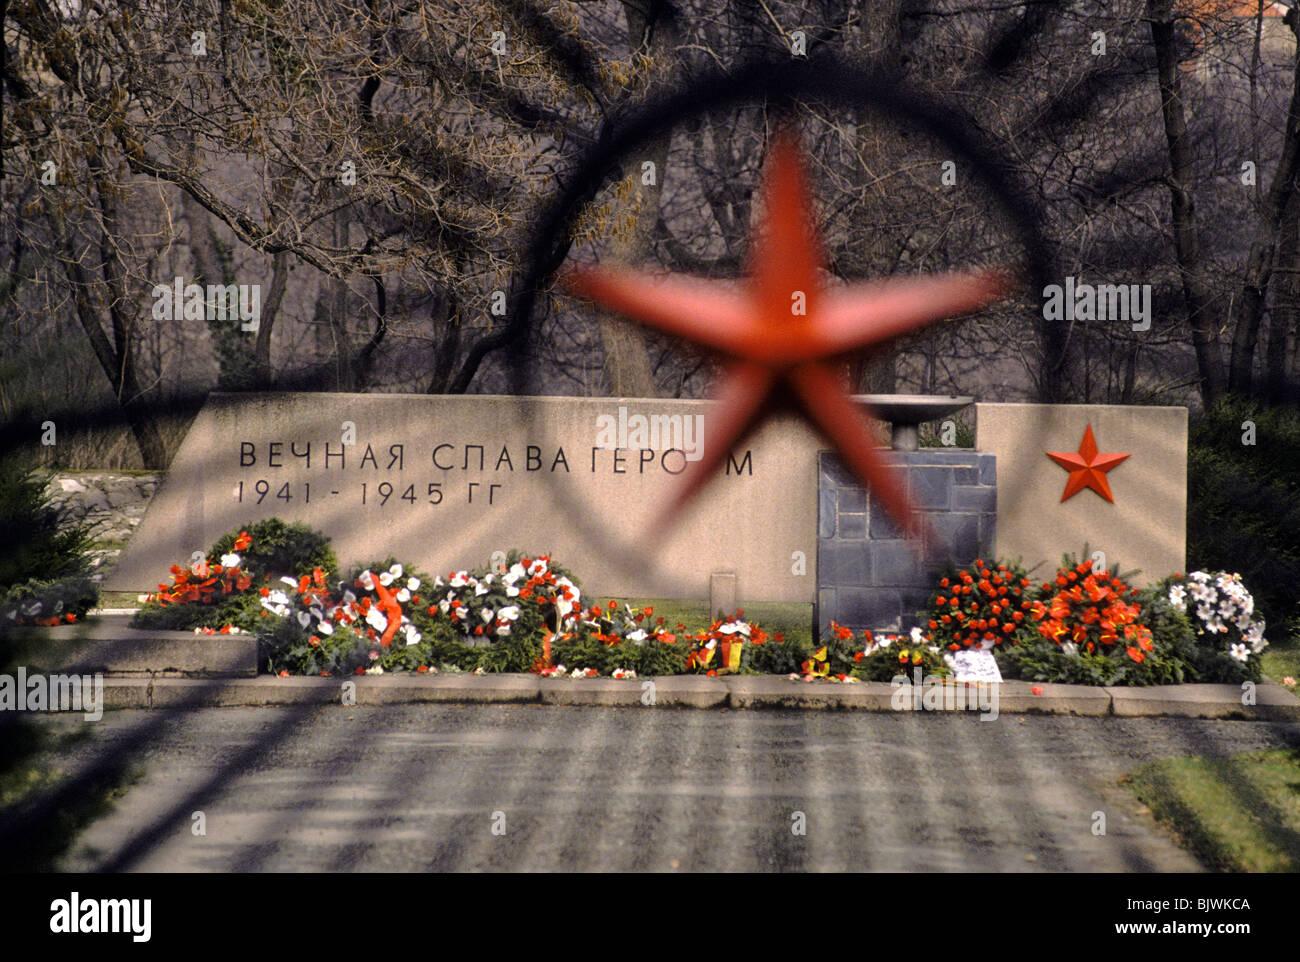 Un memoriale per i soldati russi uccisi durante la Guerra Mondiale ll a Potsdam, Germania Immagini Stock